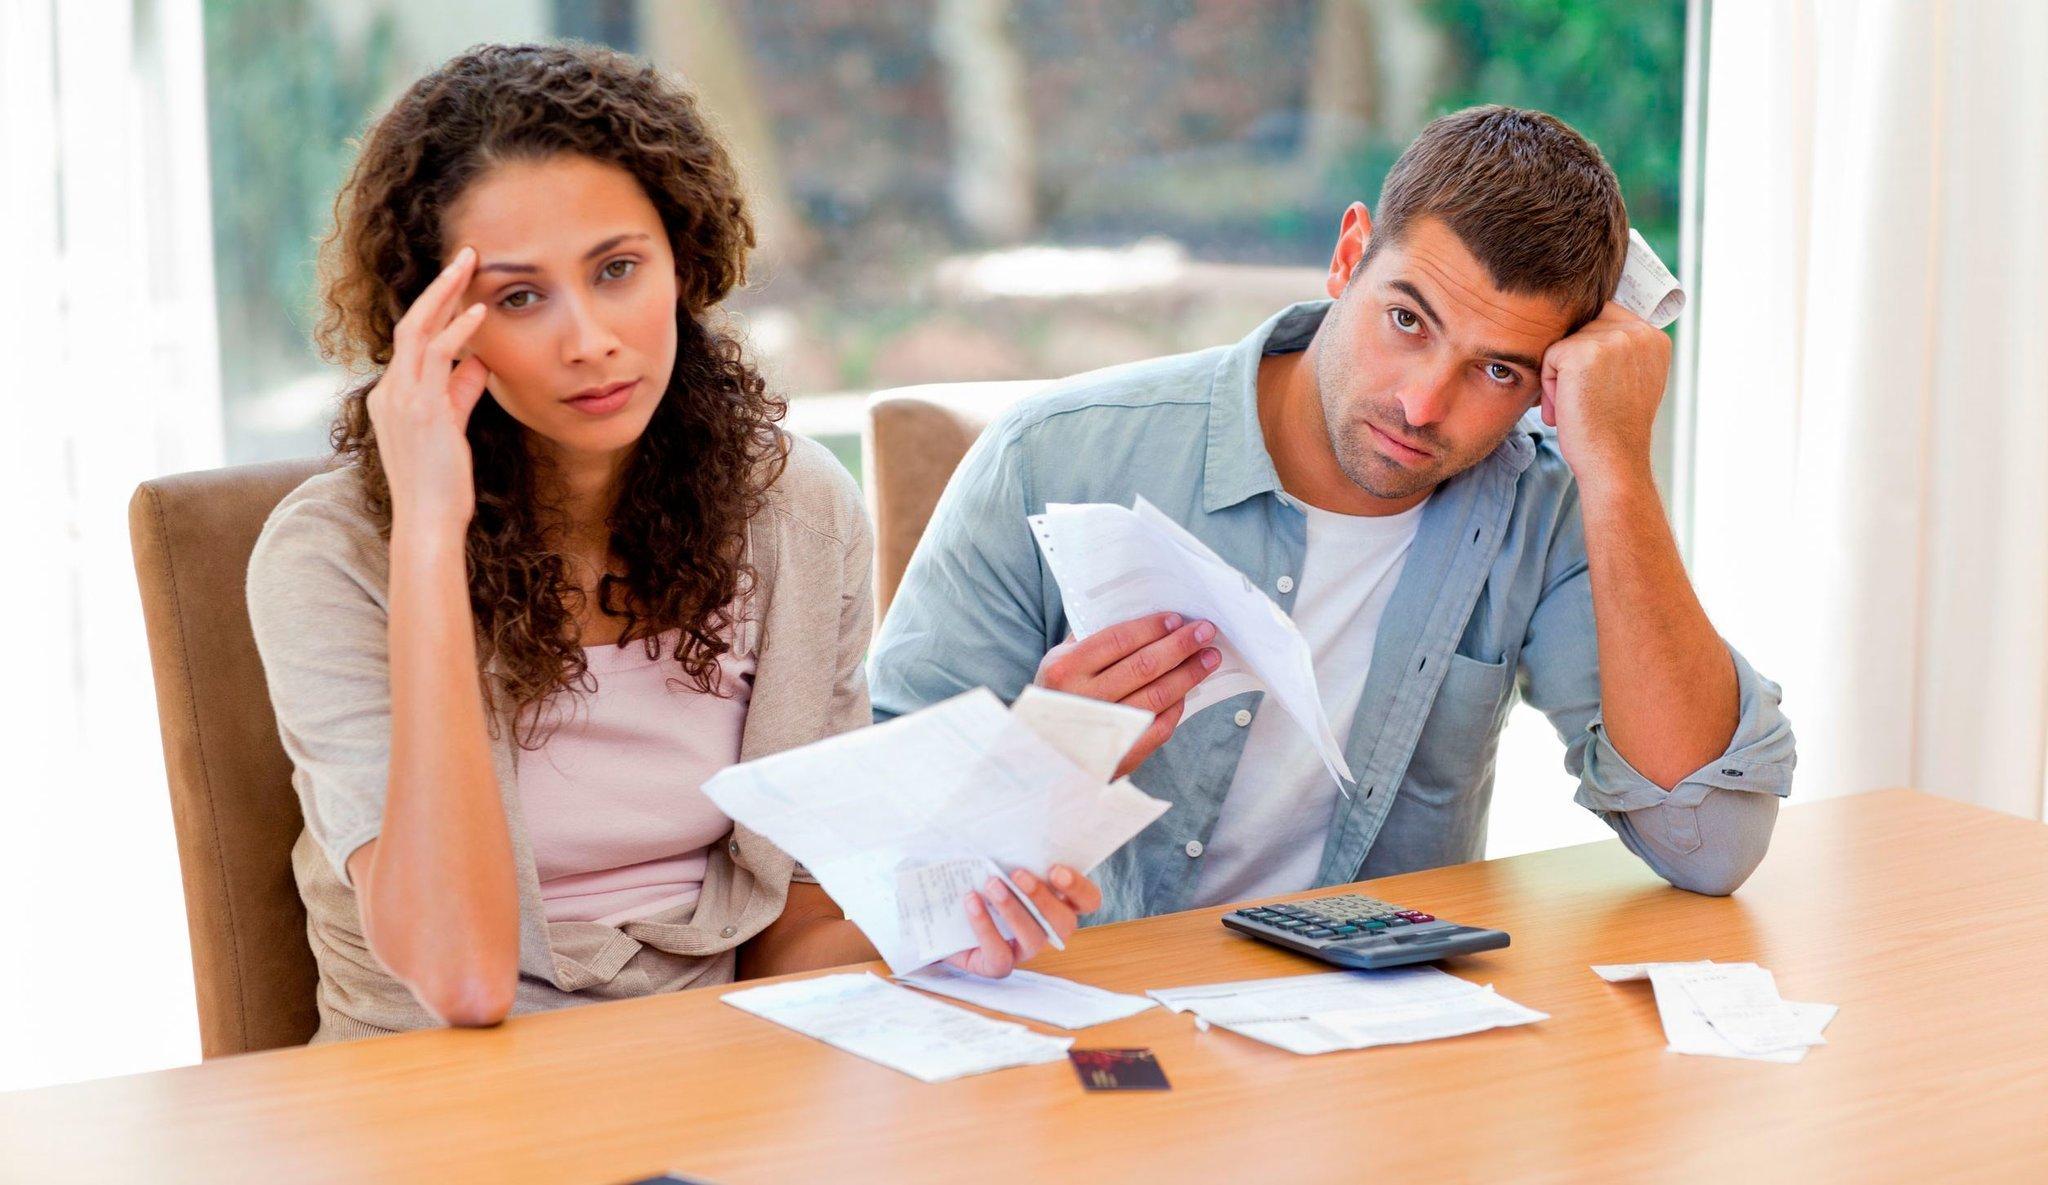 муж не хочет продавать квартиру после развода это было